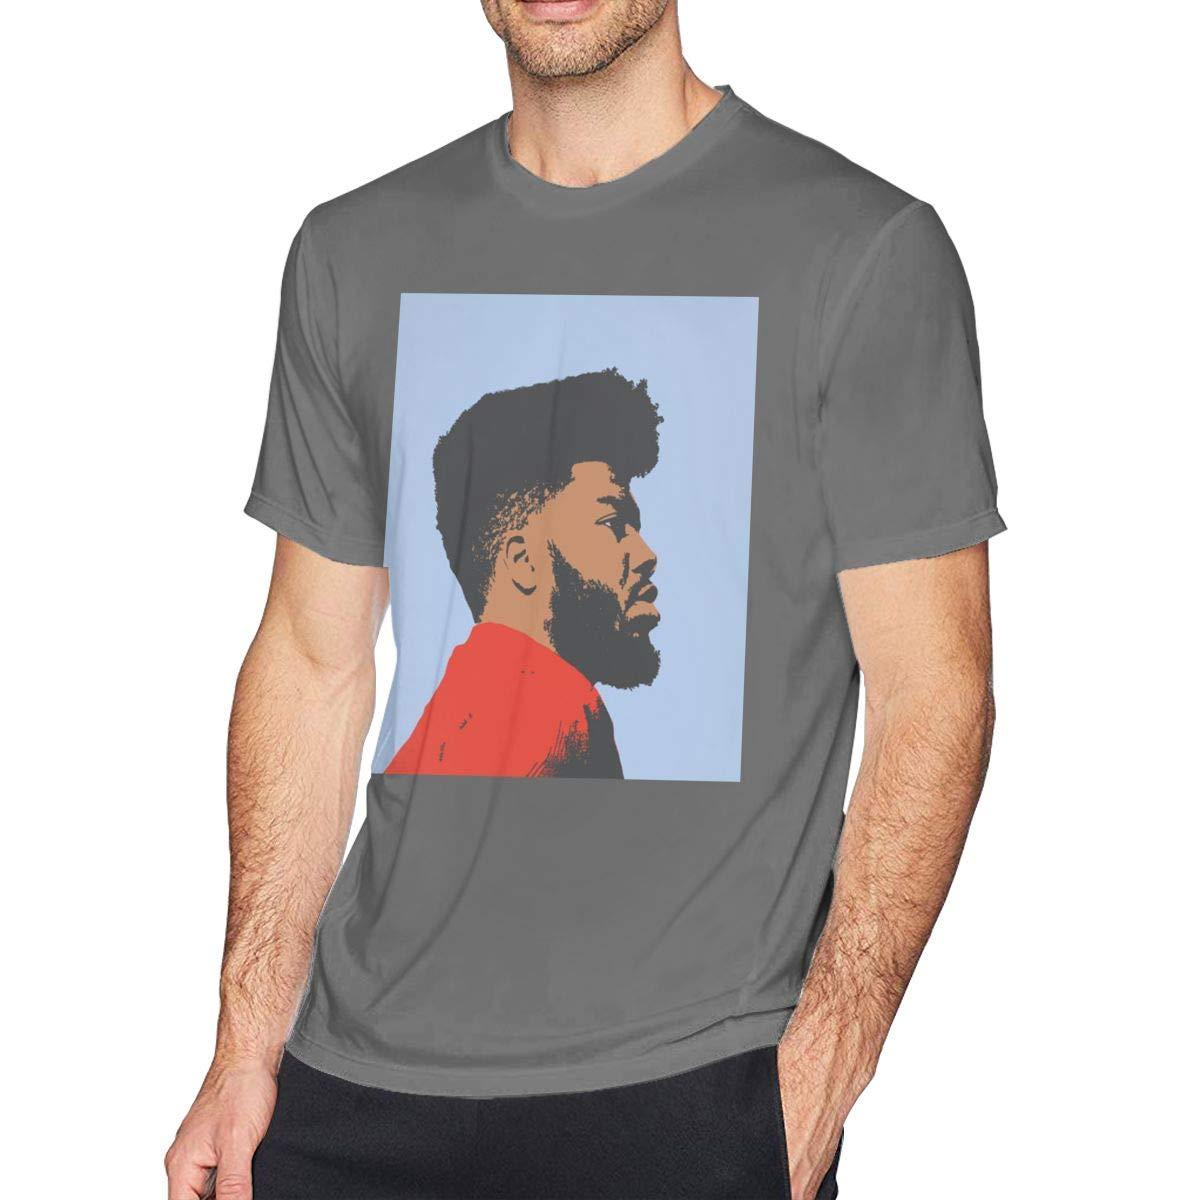 Asdones S Khalidamerican Teen Tee Tshirt Black